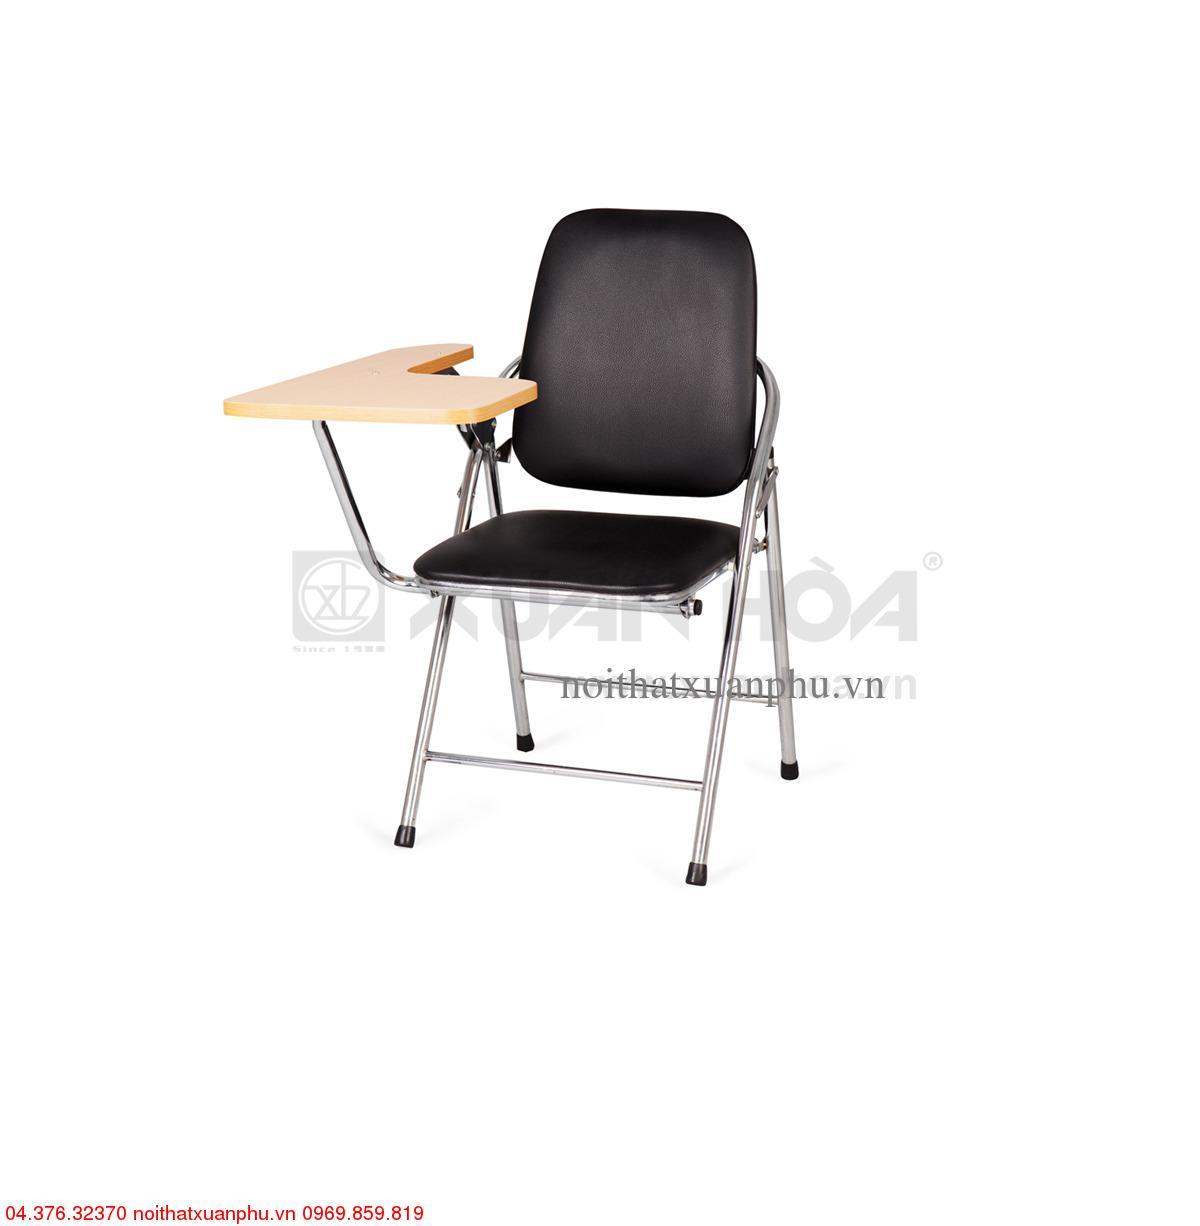 Hình ảnh sản phẩm Ghế gấp G05 có bàn GS(M,I)-05-00B